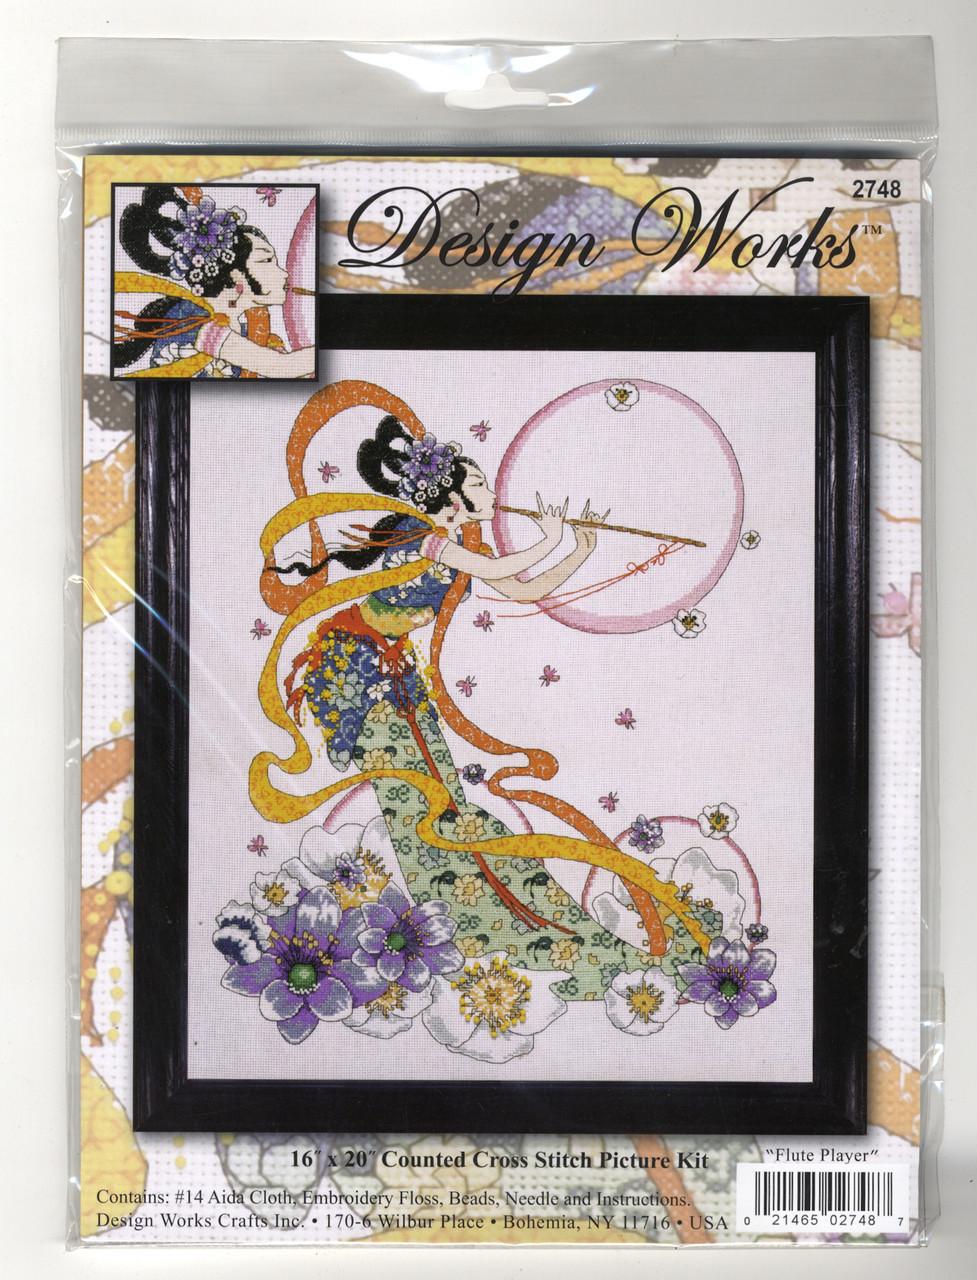 Design Works - Flute Player